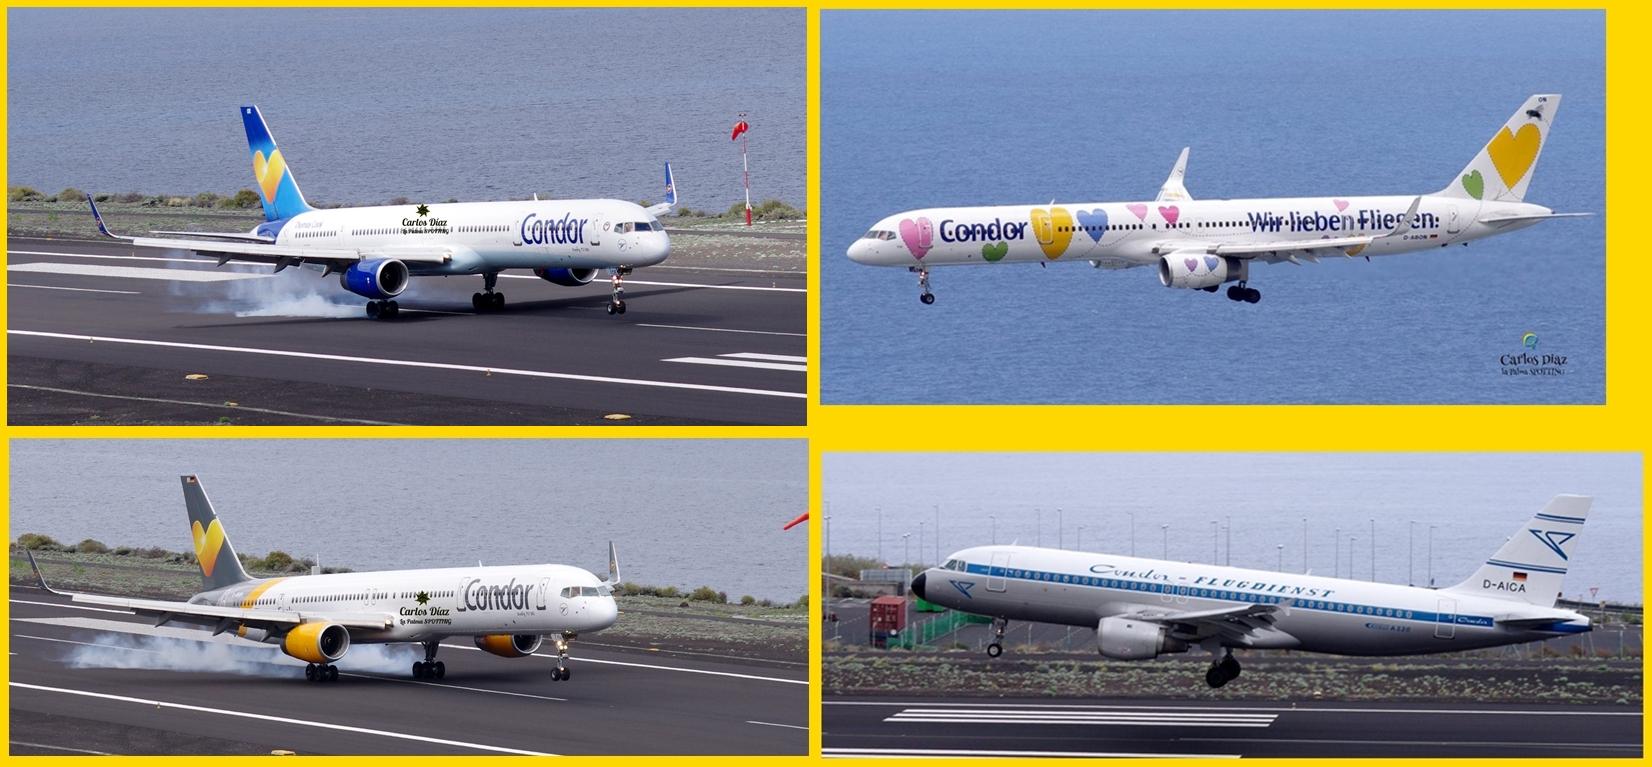 Condor-Starts und -Landungen auf dem Airport von Santa Cruz de La Palma (SPC): fotografiert von Carlos Díaz, dem unermüdlichen Spotter!